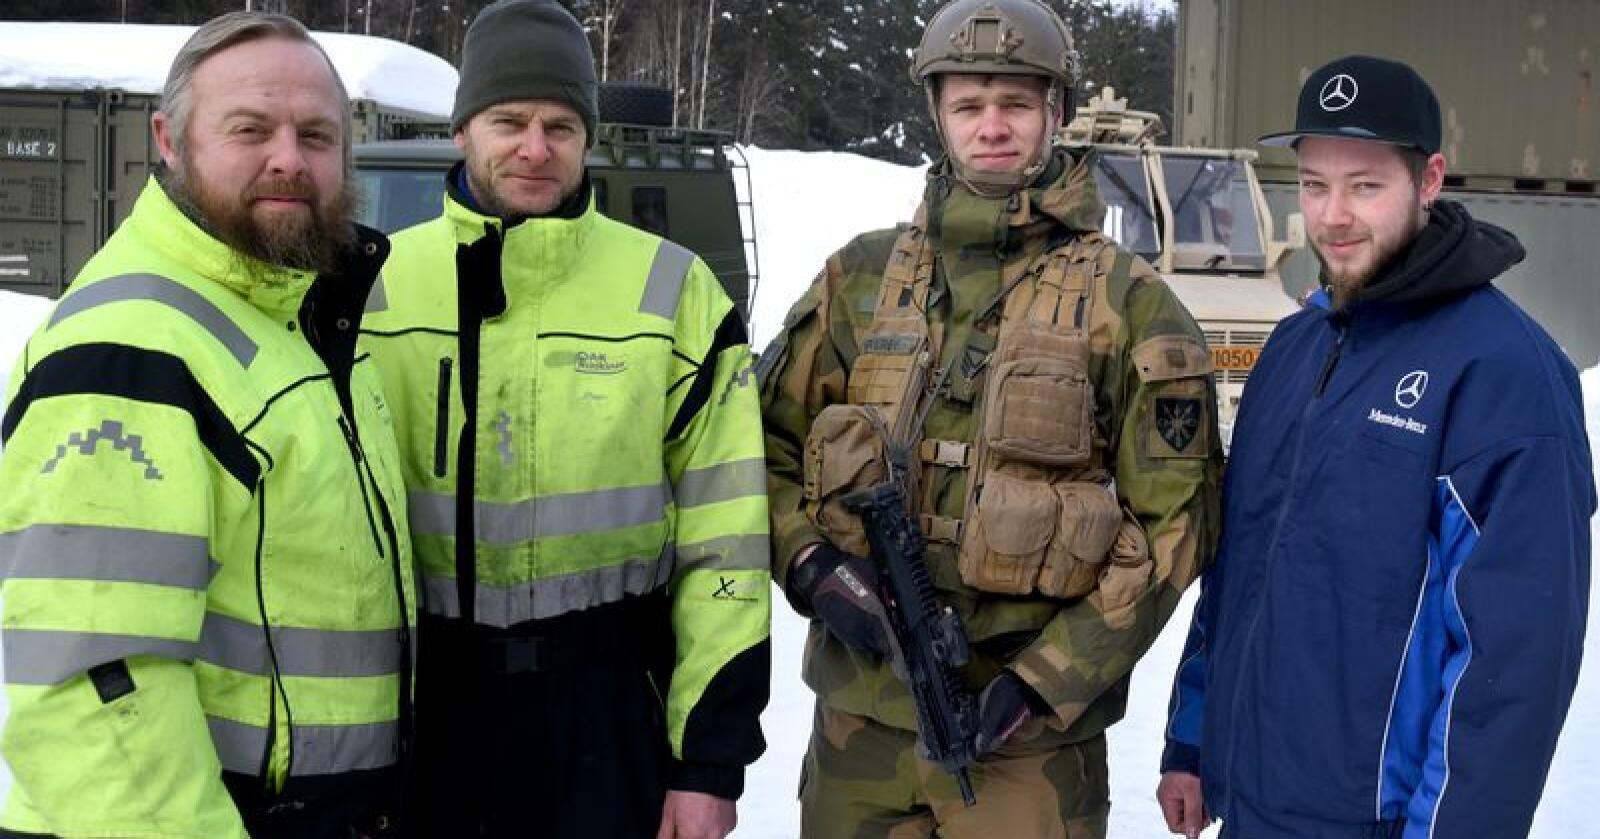 Mekanikerstøtte: Avtalen mellom Bertel O. Steen og Forsvaret innebærer blant annet at A-K Maskiner skal stille med mekanikere til Heimevernet. Foto: Lars Hallingstorp